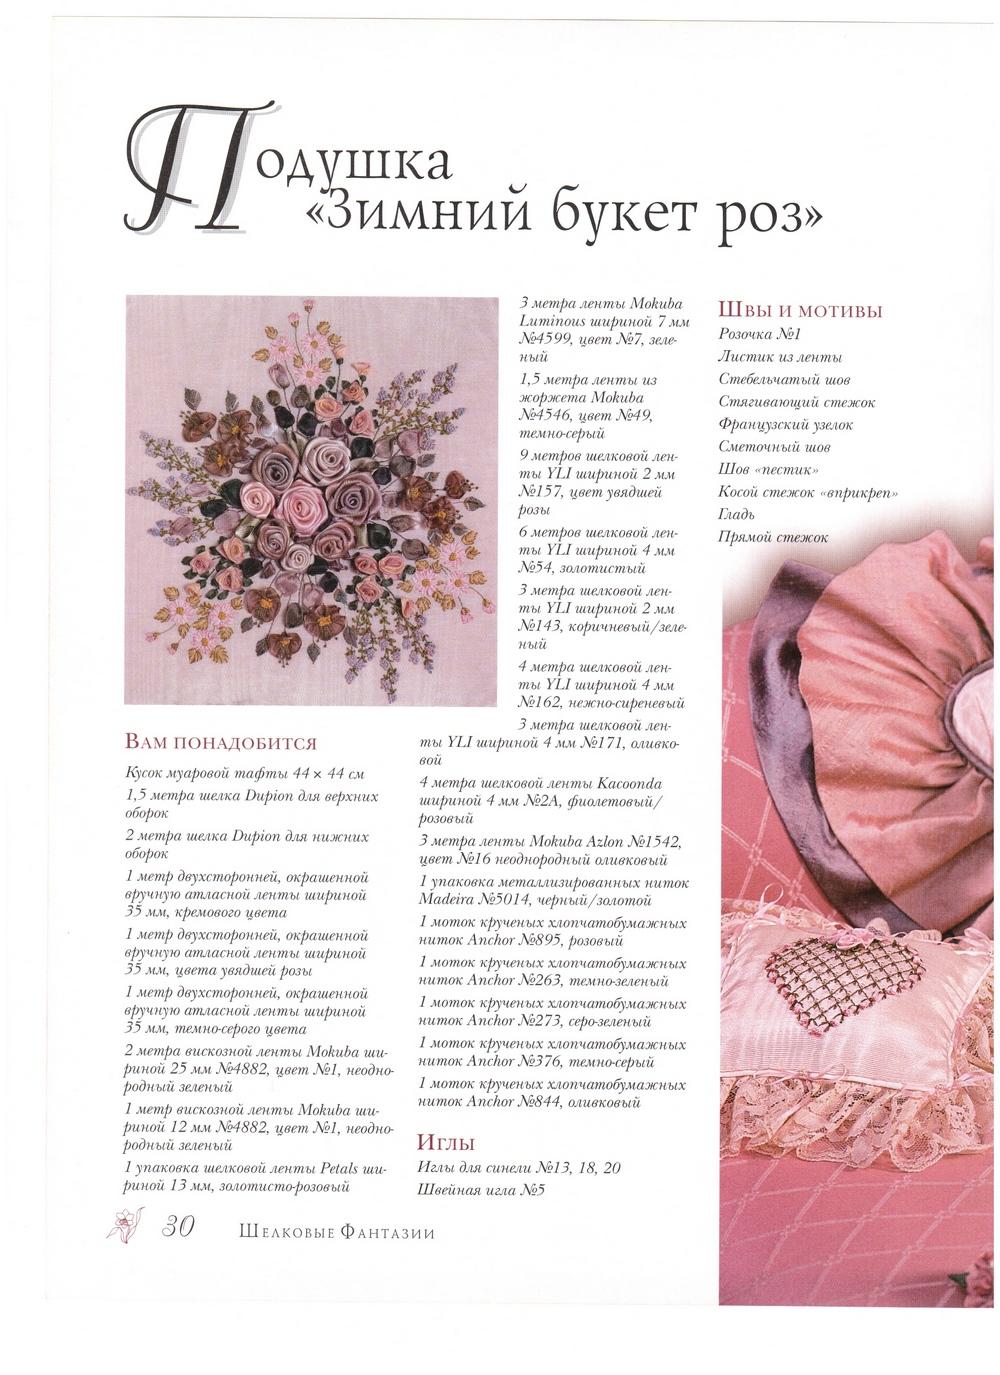 http://images.vfl.ru/ii/1353603404/0ec3b358/1254260.jpg